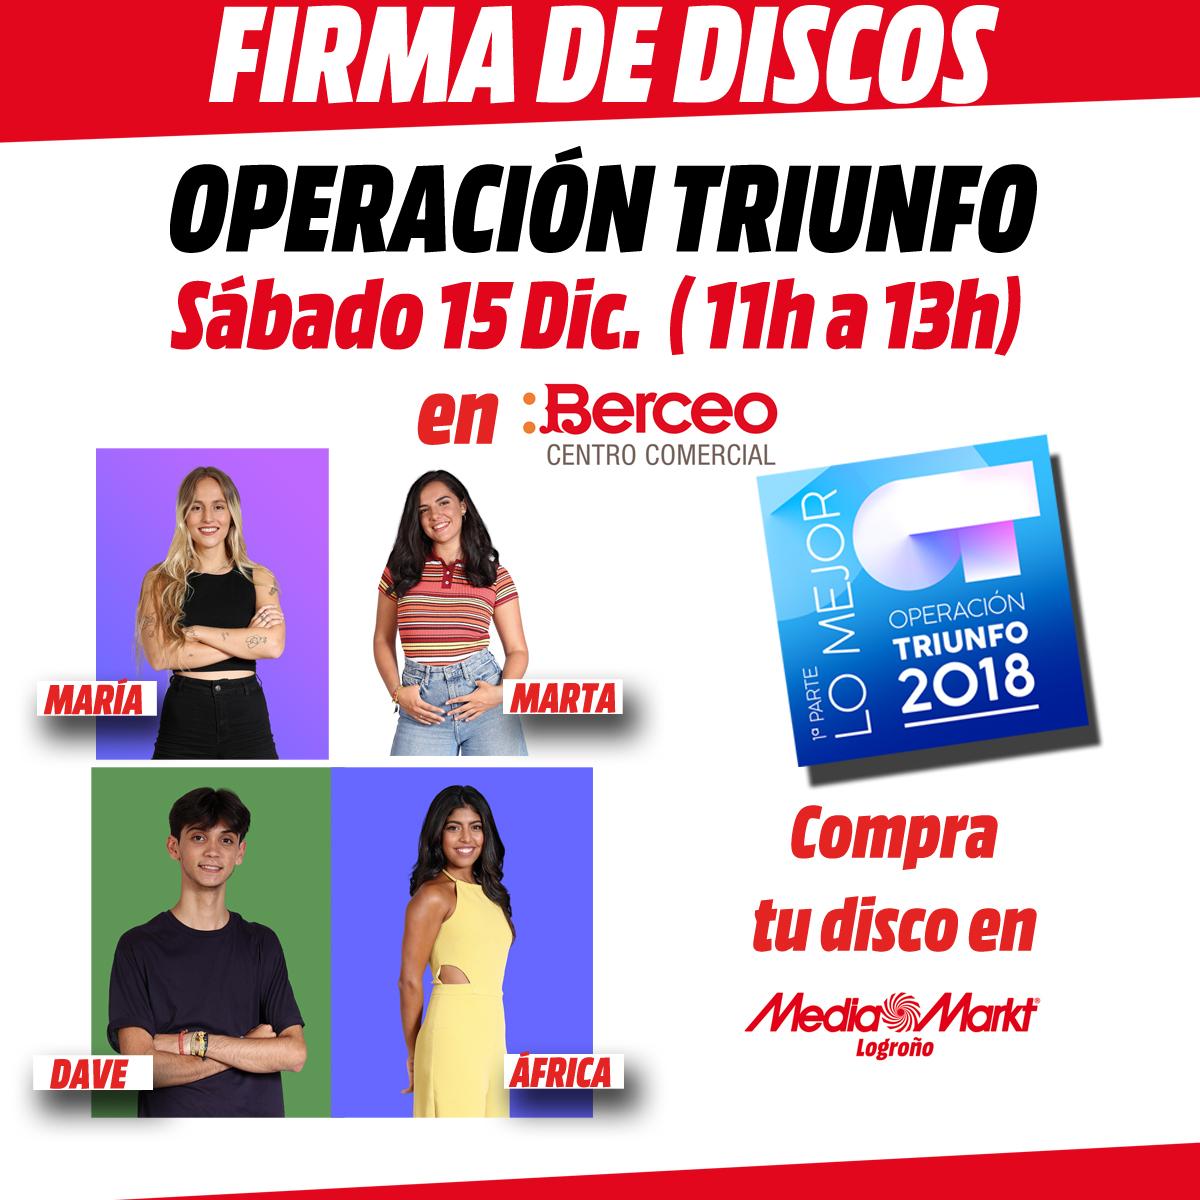 firma-de-discos-operacion-triunfo